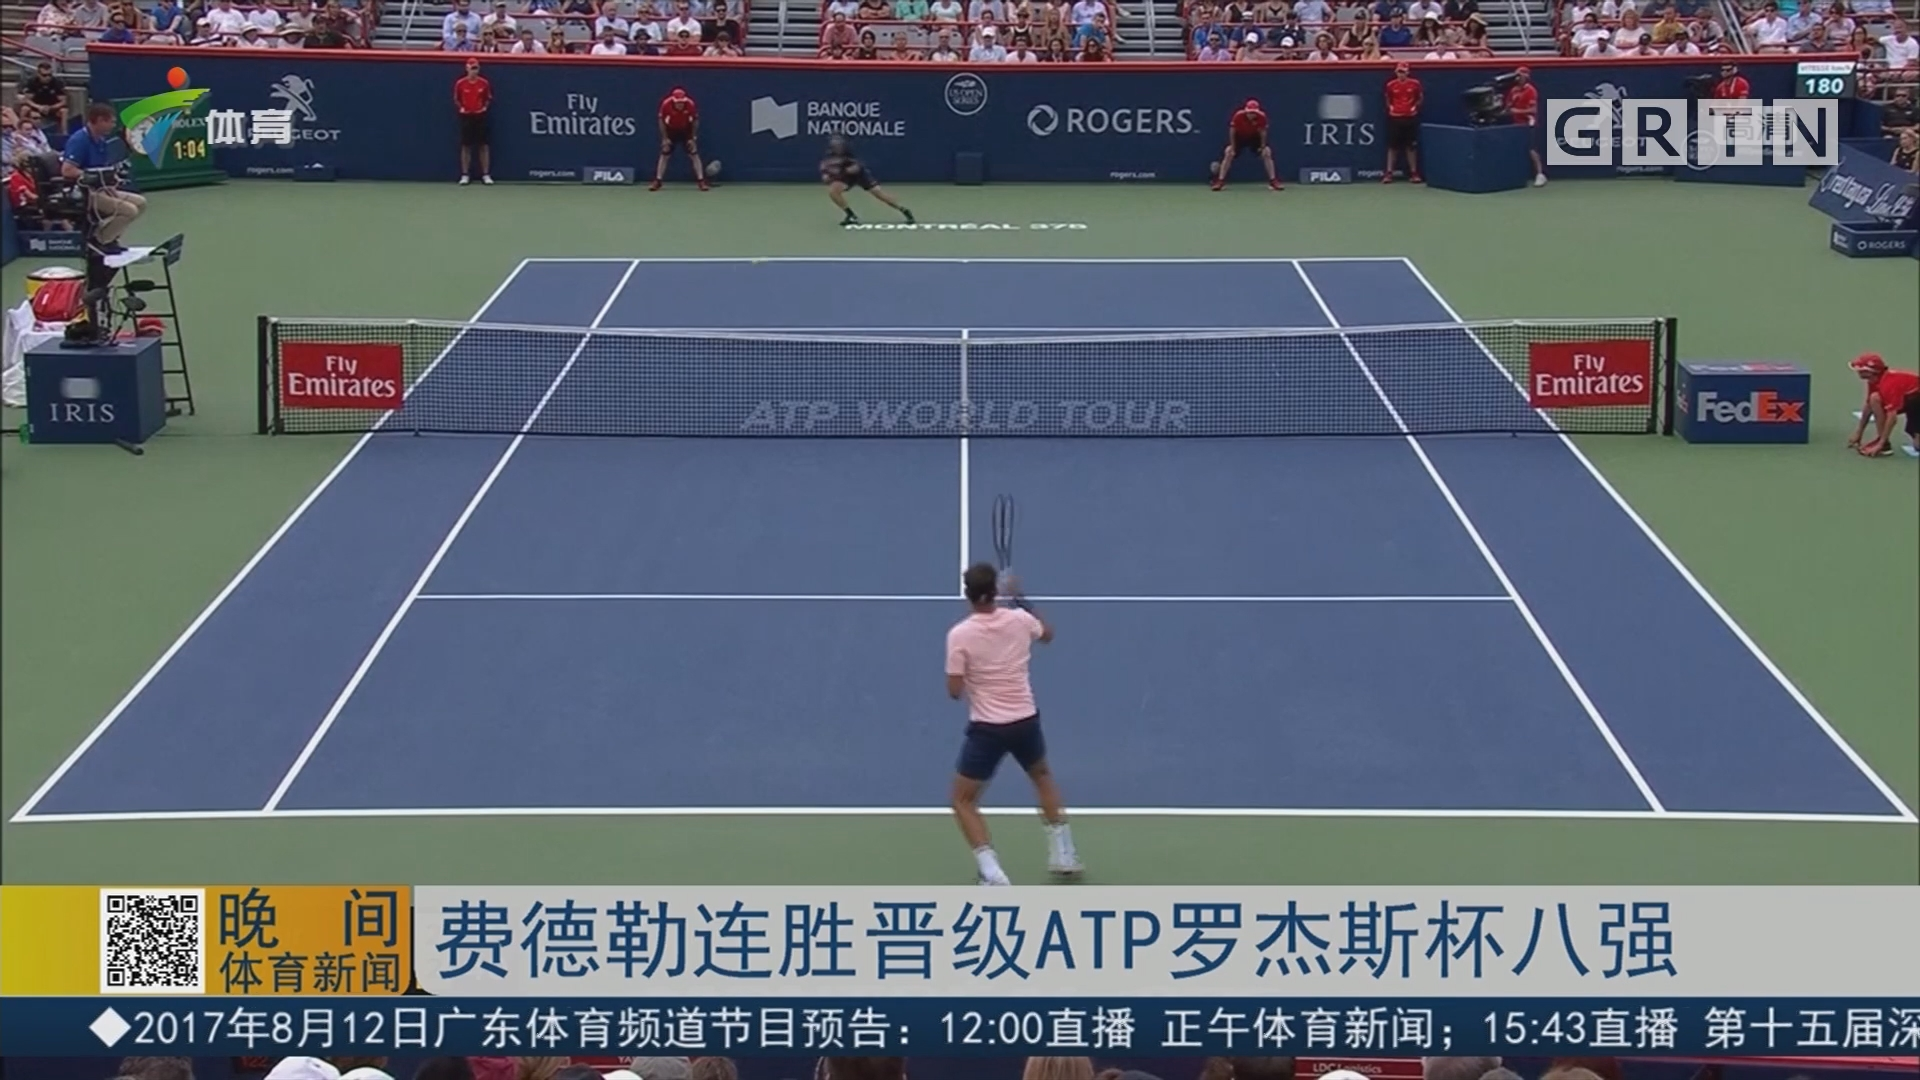 费德勒连胜晋级ATP罗杰斯杯八强